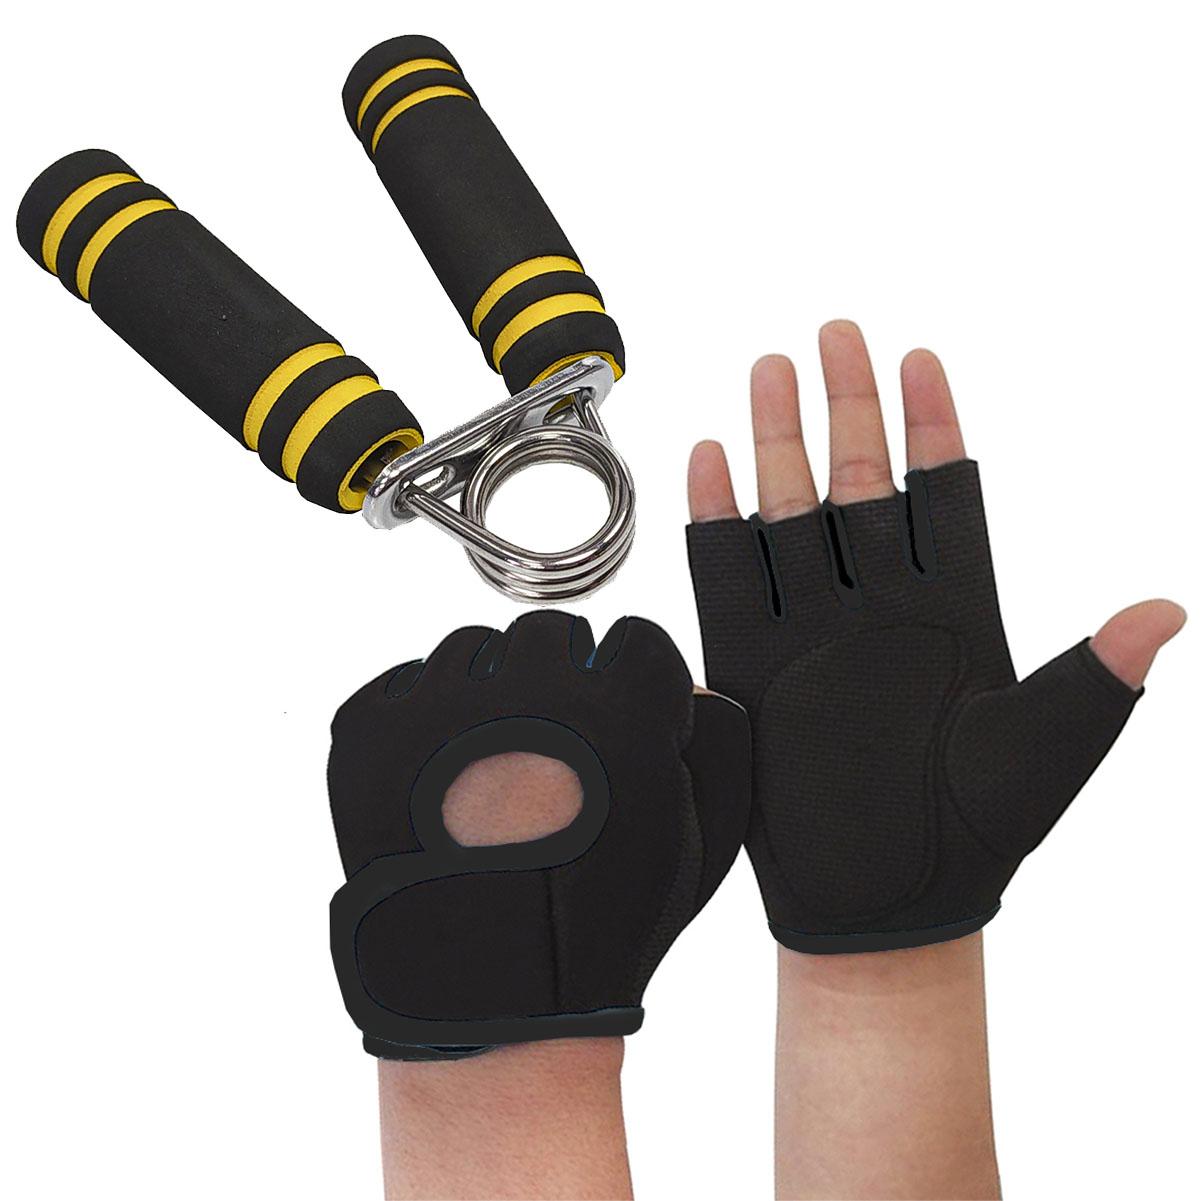 Kit Luva de Treino Preto com Hand Grip Musculação MBfit